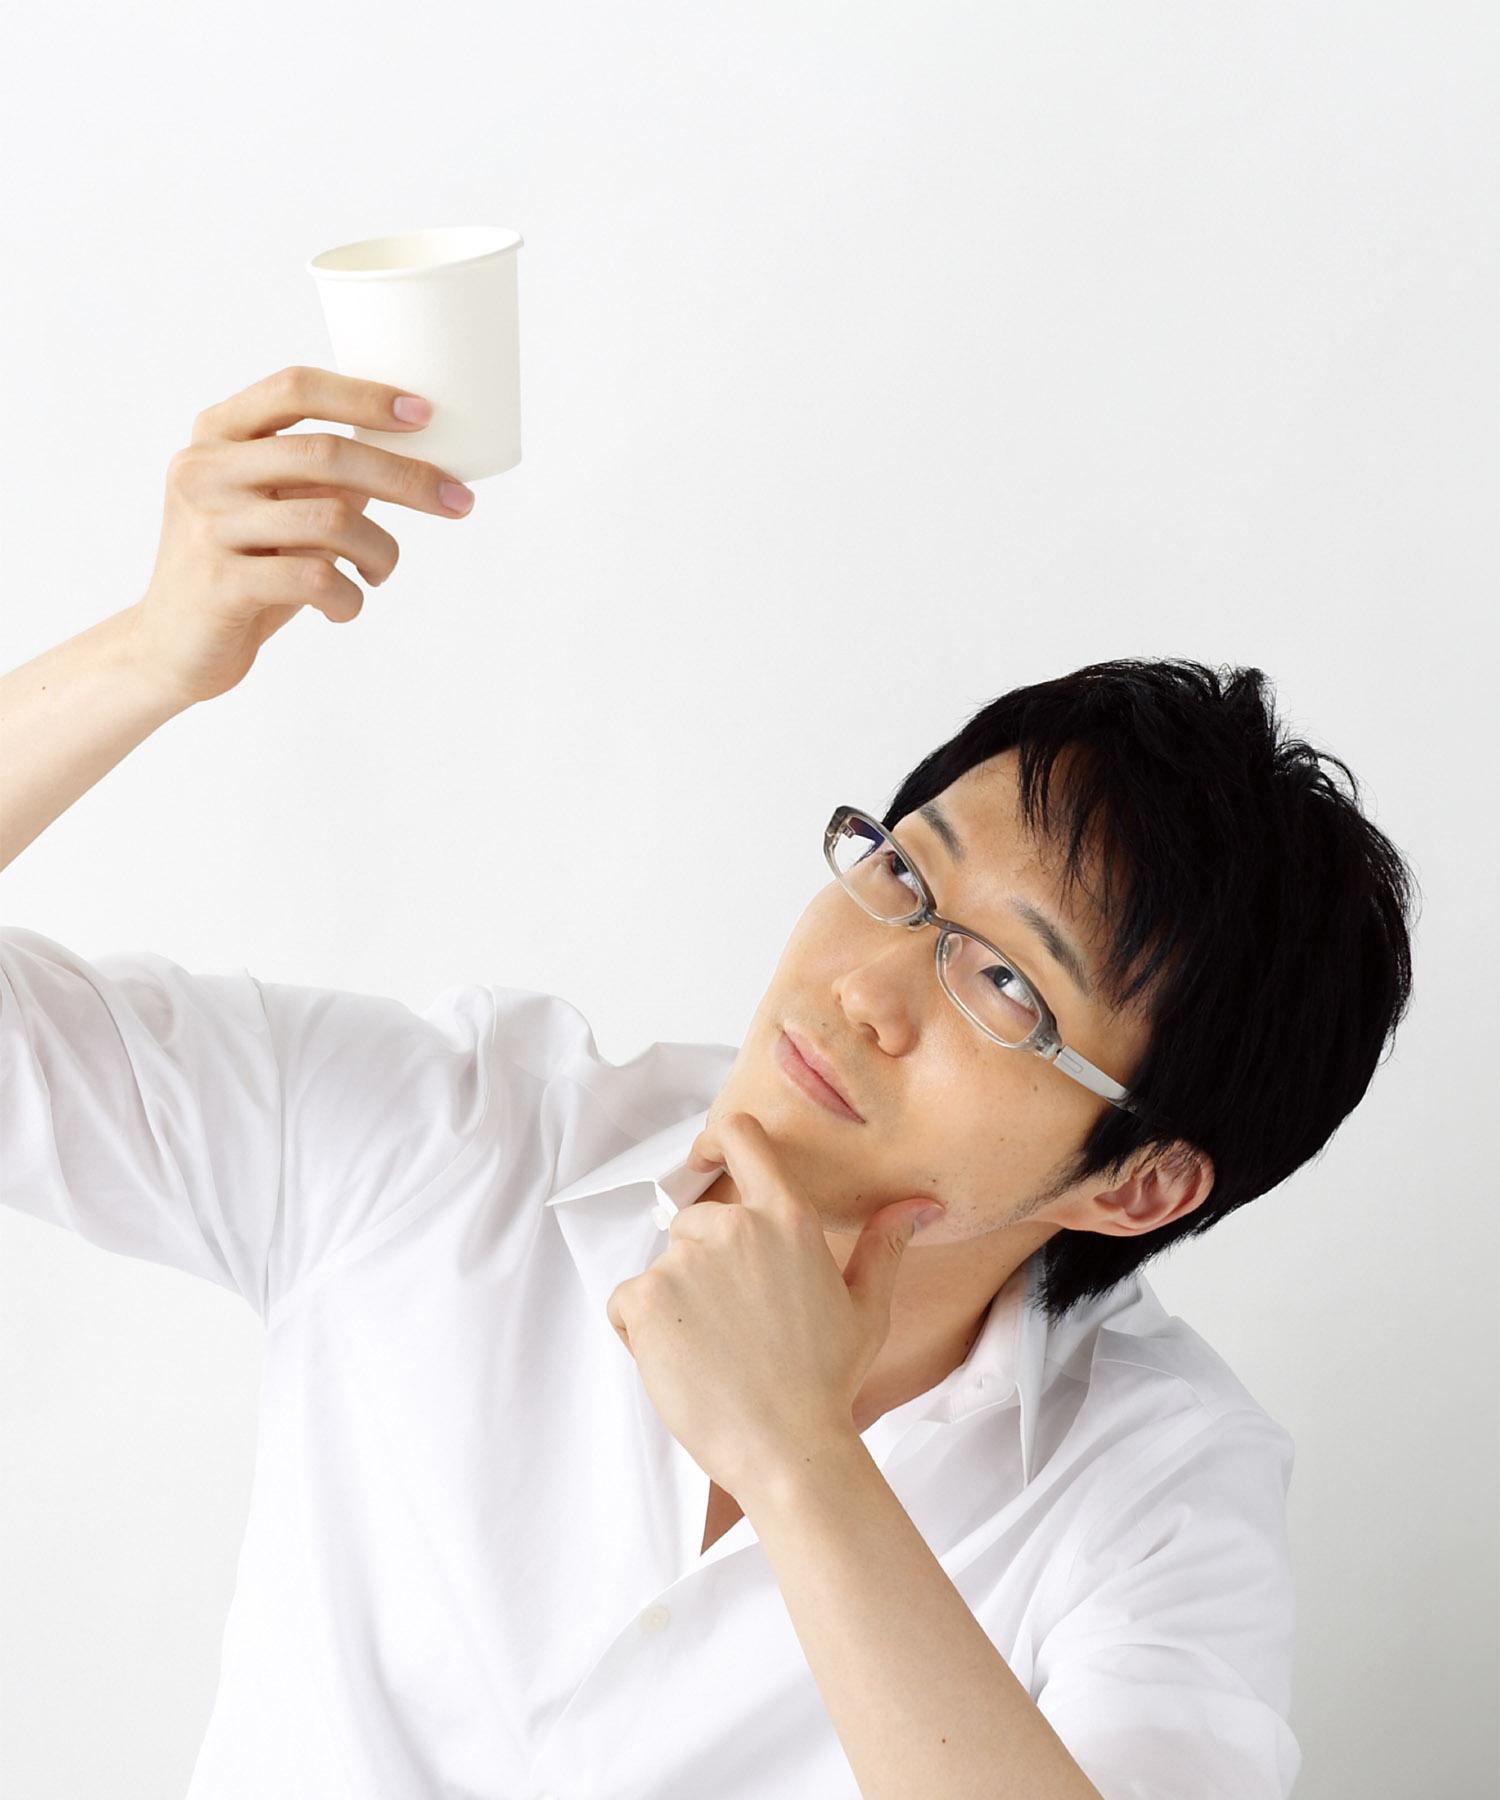 nendo_Oki_Sato_portrait